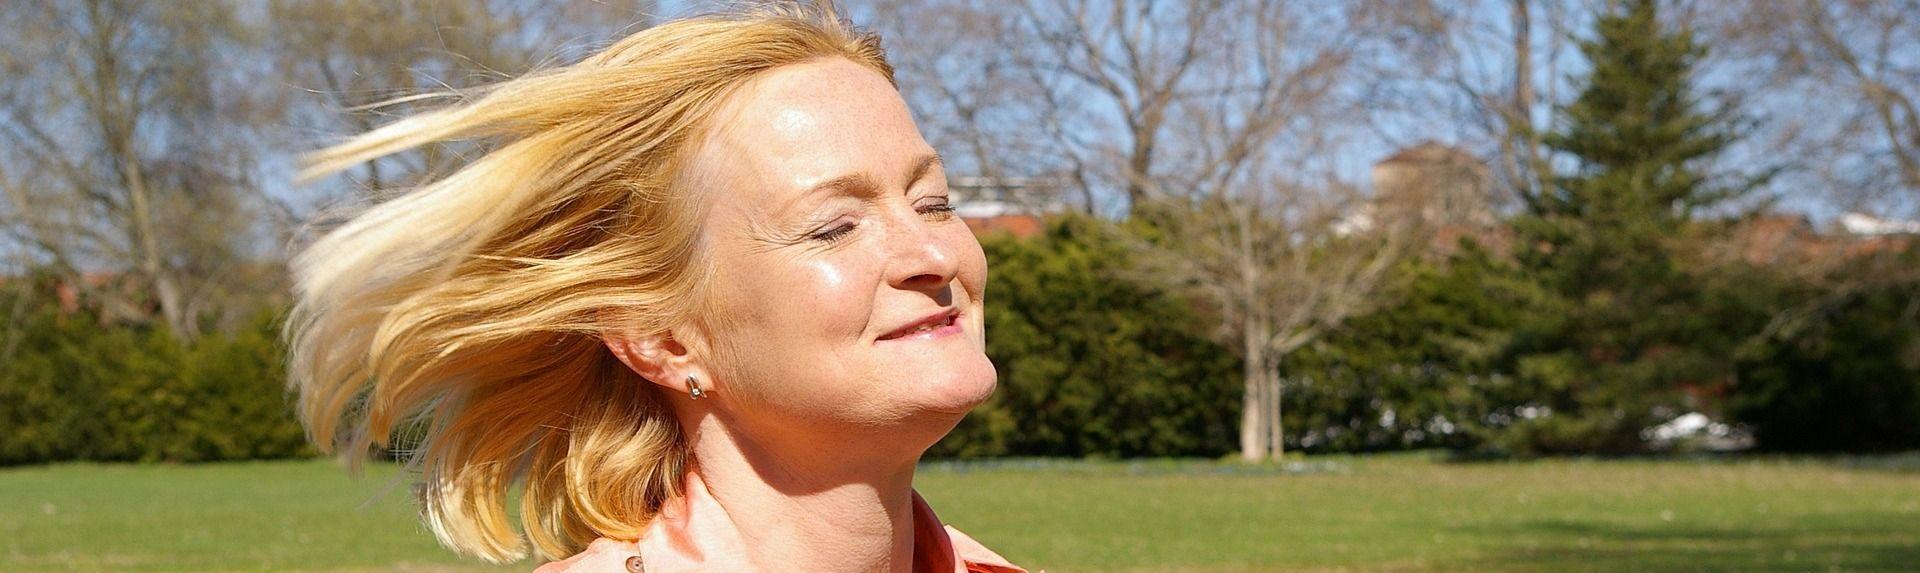 Как женщине омолодить лицо после 40 лет в домашних условиях